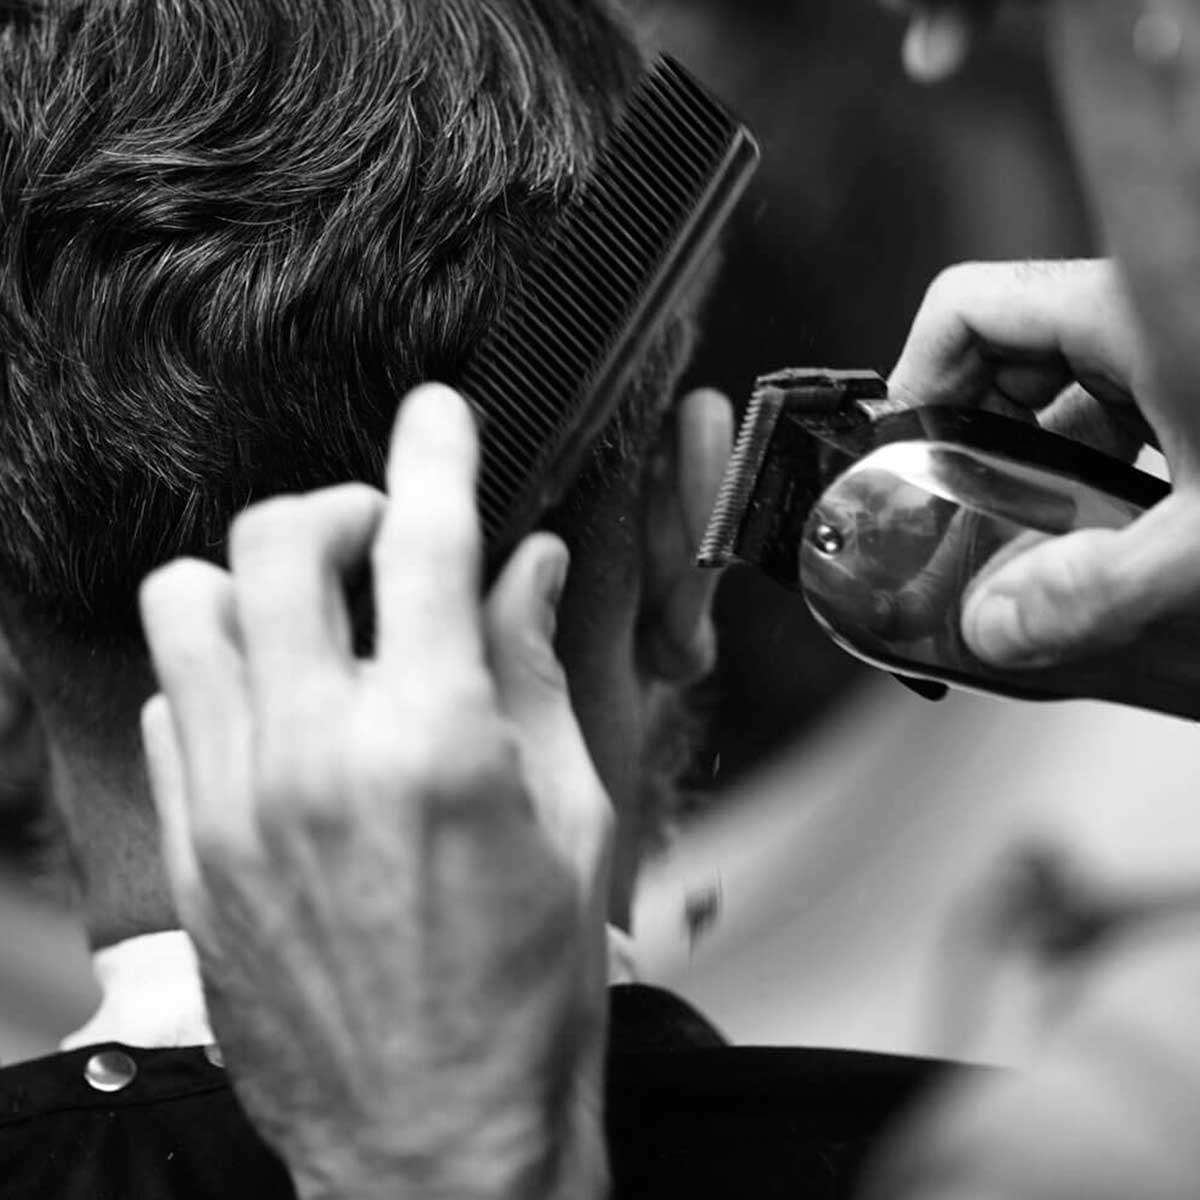 maquina de cortar cabelo barbeiro